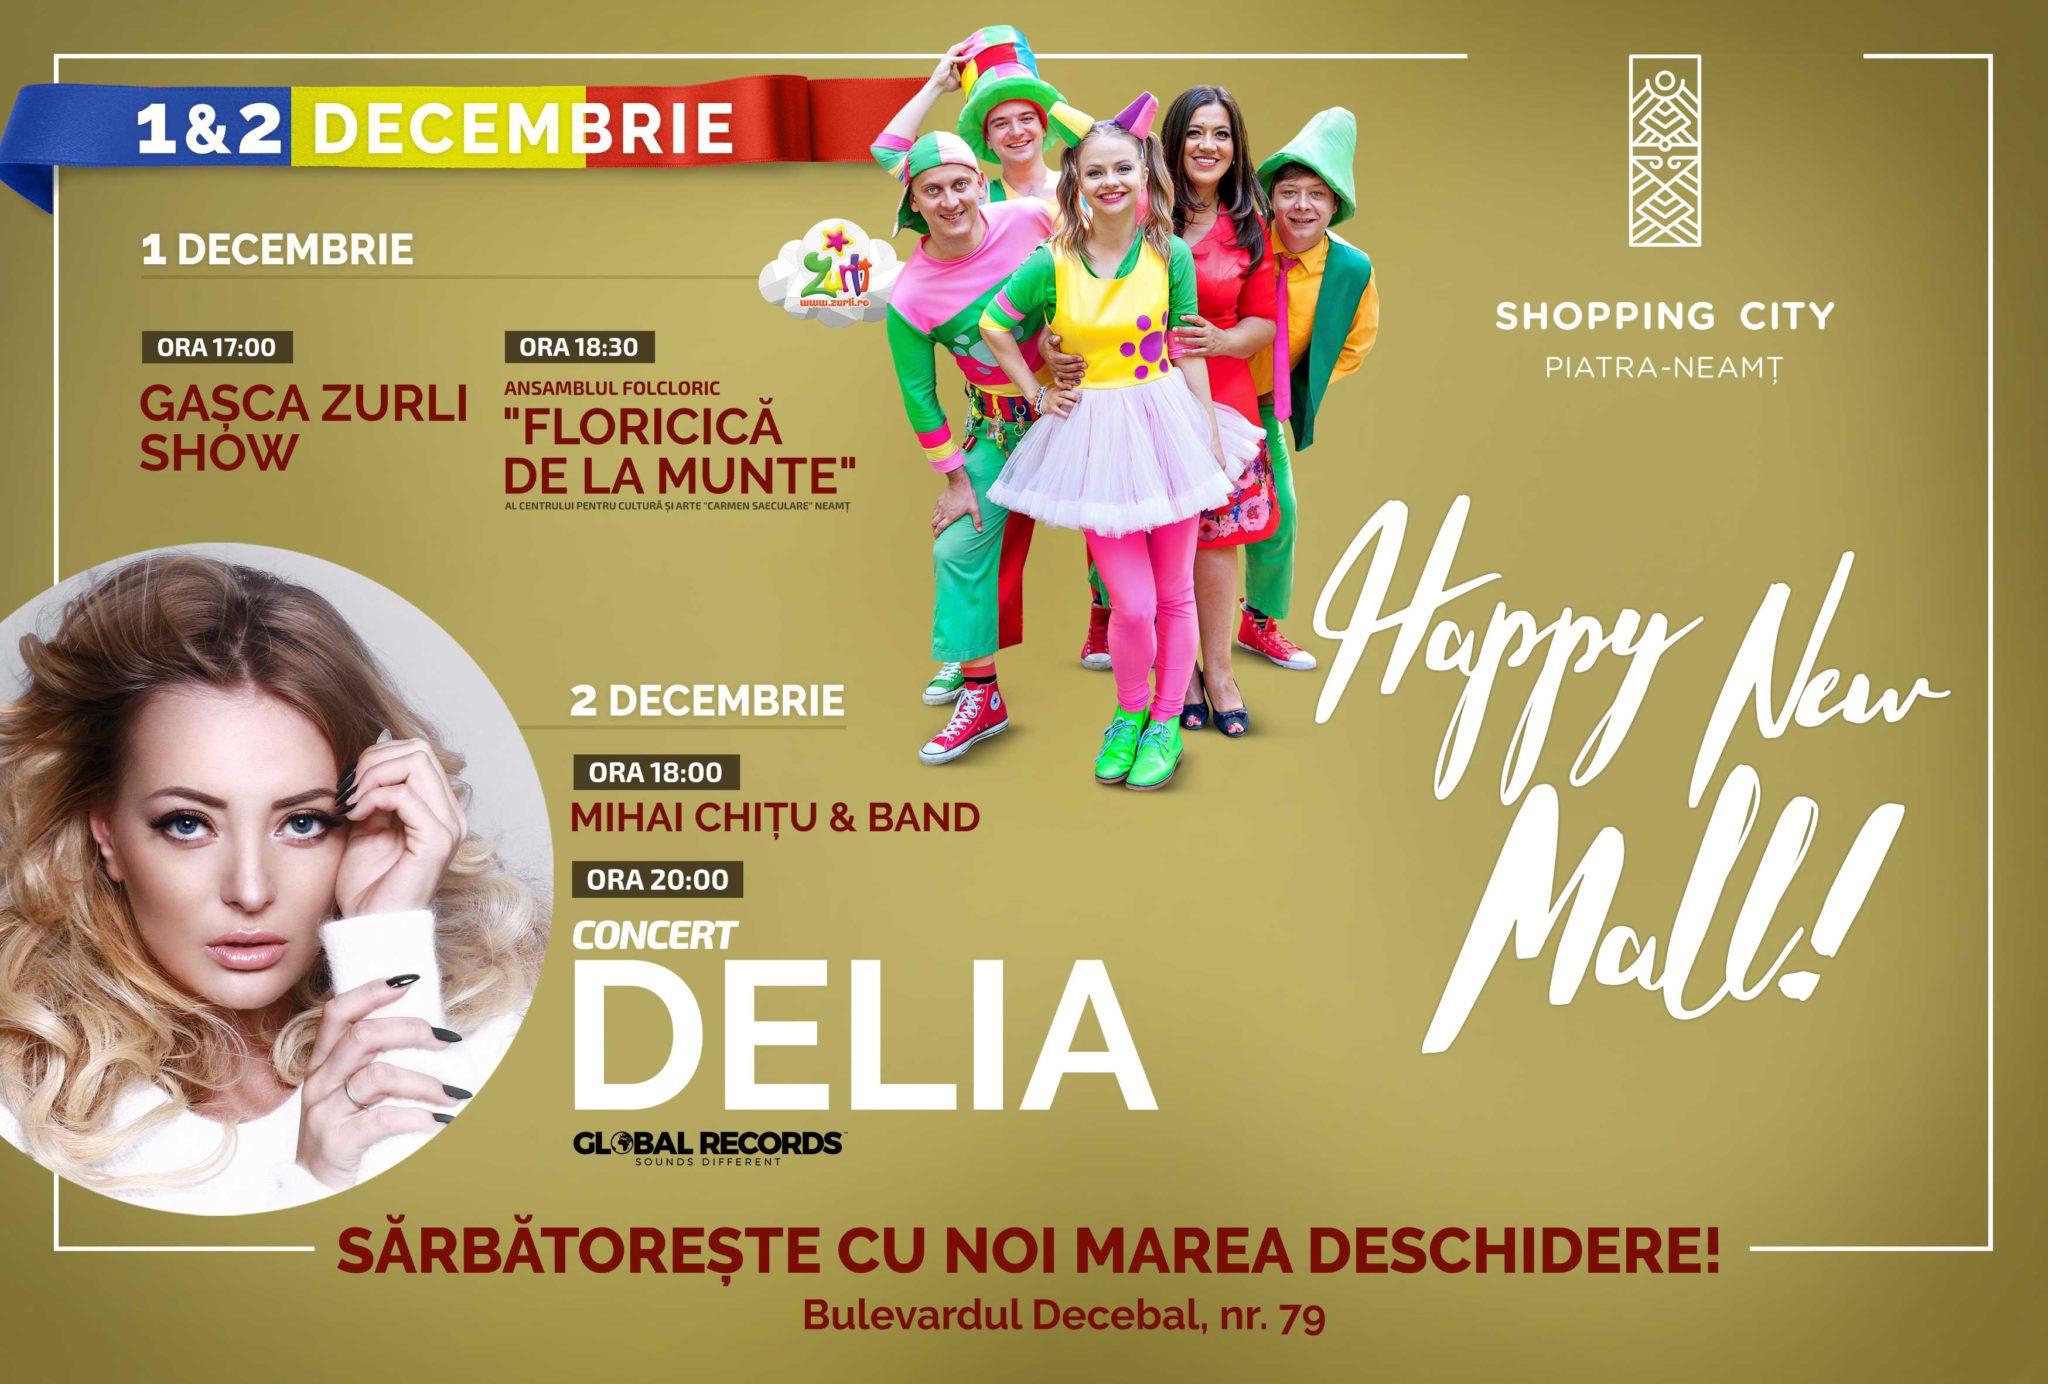 Inaugurarea Shopping City Piatra Neamț: zeci de oferte speciale, concert Delia și multe surprize